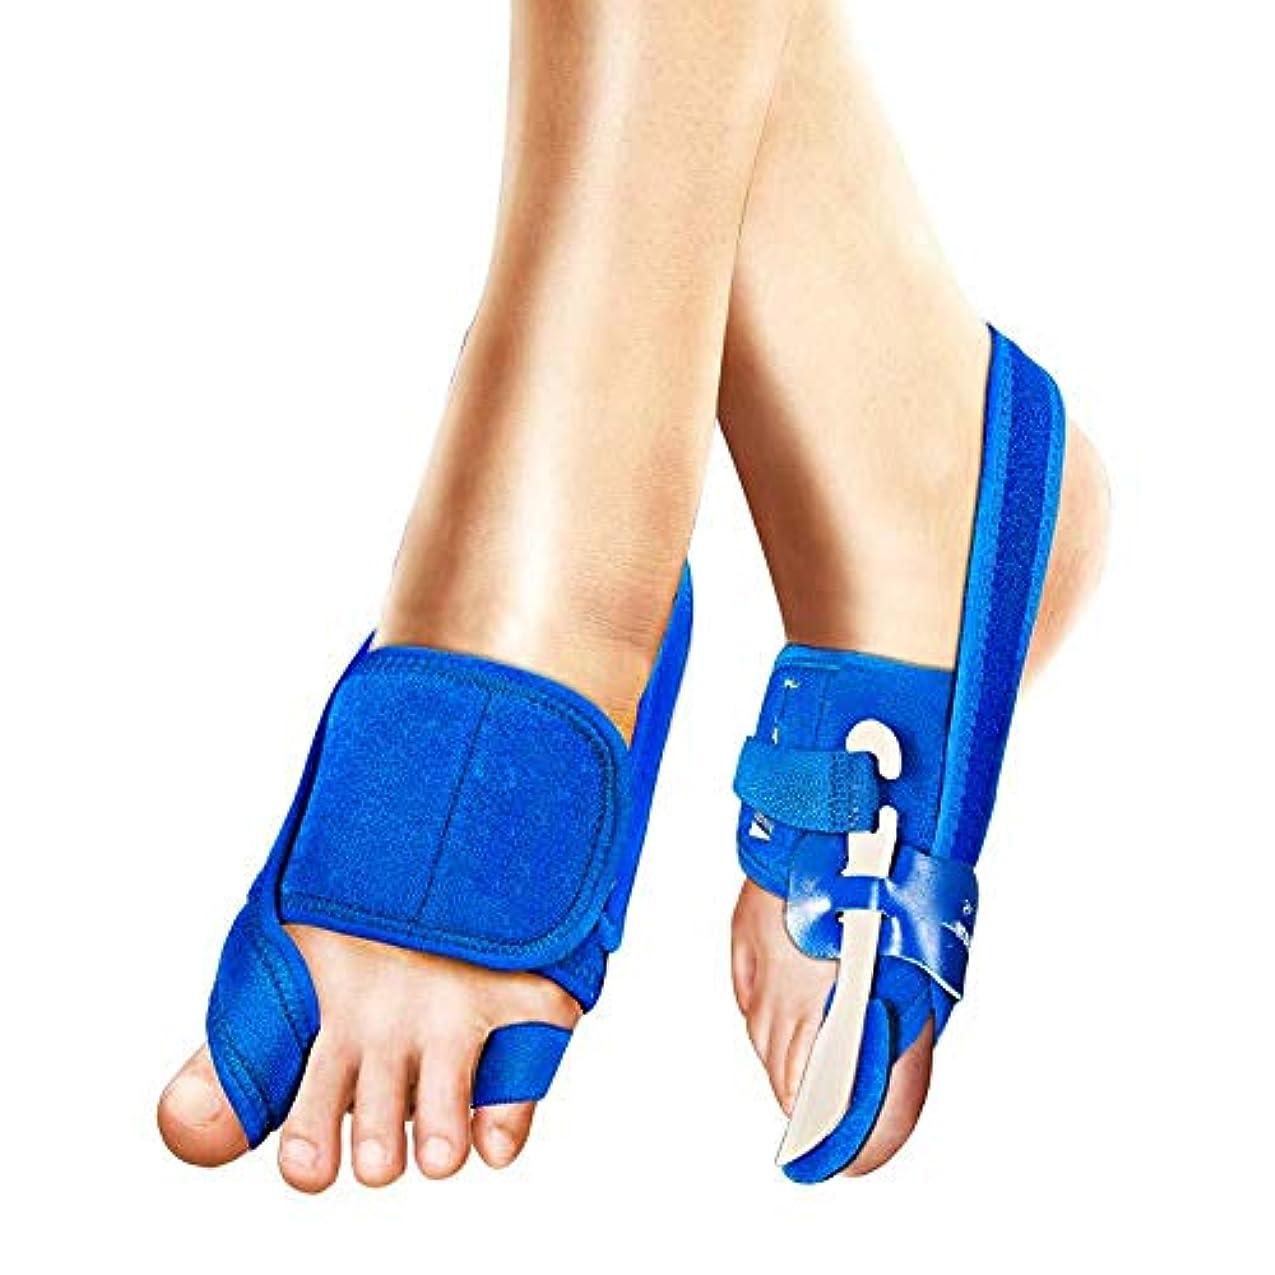 フォーム励起オートメーションつま先セパレーター付き大型つま先矯正装置、母uxつま先つま先ネイルセパレーター用オレーターつま先セパレーター、痛みを和らげる,Right Foot